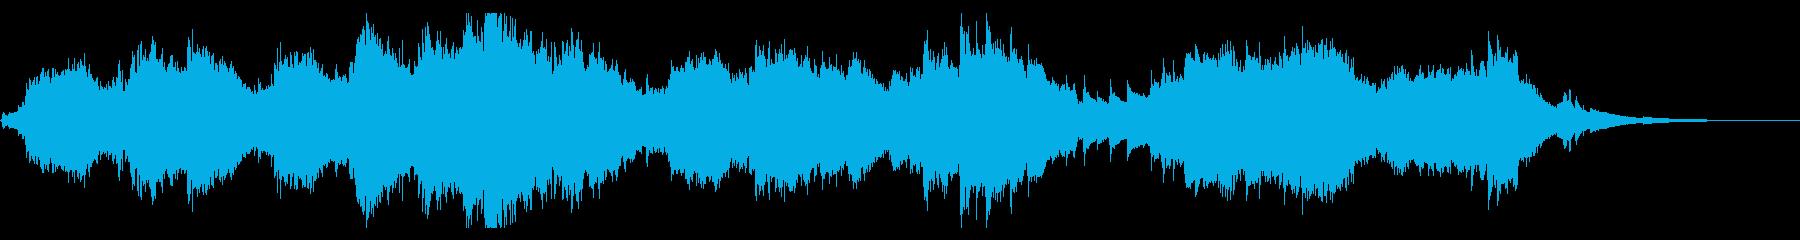 美しい ドビュッシー アラベスク の再生済みの波形